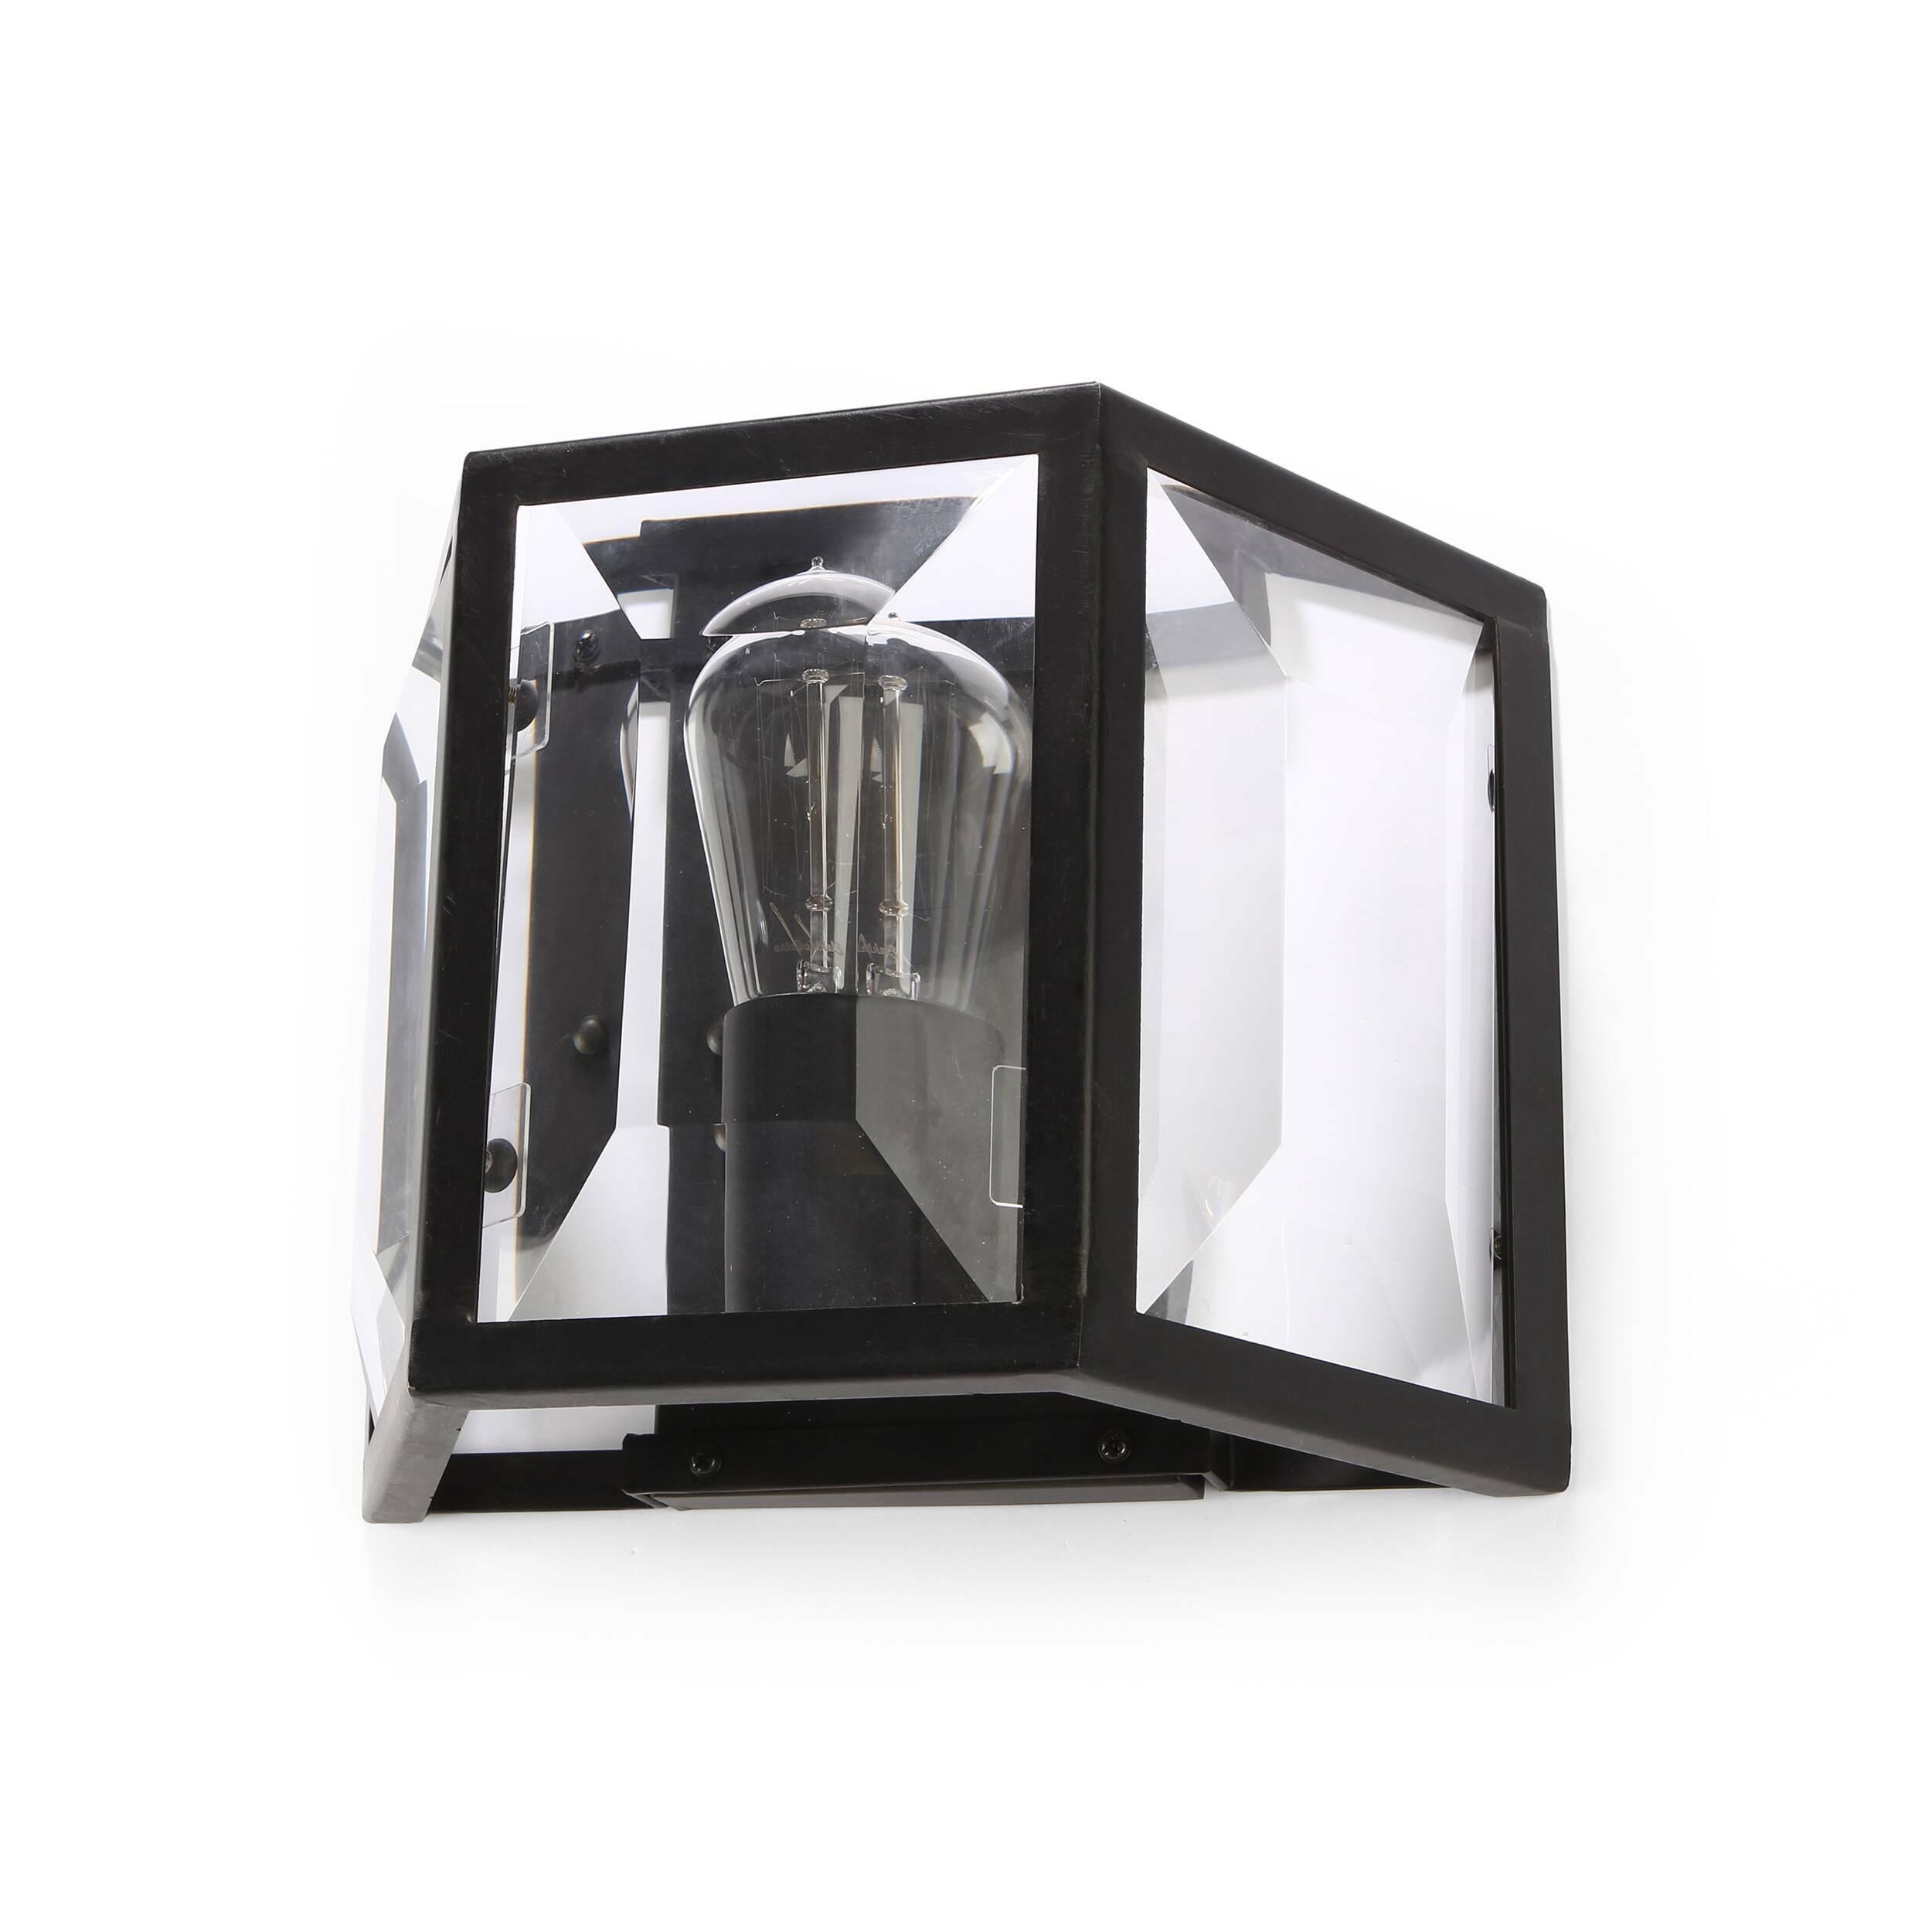 Настенный светильник FilmНастенные<br>Настенный светильник Film — рецепт вашего будущего роскошного интерьера. Изделие представляет собой арматуру в виде коробки из прочного износостойкого металла со встроенной лампой накаливания. В его изготовлении использованы классические материалы — универсальные составы, которые одинаково уникальны как для классических, так и современных интерьеров. Свет от лампы усиливается зеркальной поверхностью, установленной на задней стенке изделия. <br> <br> Настенный светильник Film будет превосходно смо...<br><br>stock: 8<br>Высота: 45<br>Диаметр: 28<br>Количество ламп: 1<br>Материал абажура: Стекло<br>Материал арматуры: Металл<br>Мощность лампы: 40<br>Ламп в комплекте: Нет<br>Напряжение: 220-240<br>Тип лампы/цоколь: E27<br>Цвет абажура: Прозрачный<br>Цвет арматуры: Черный